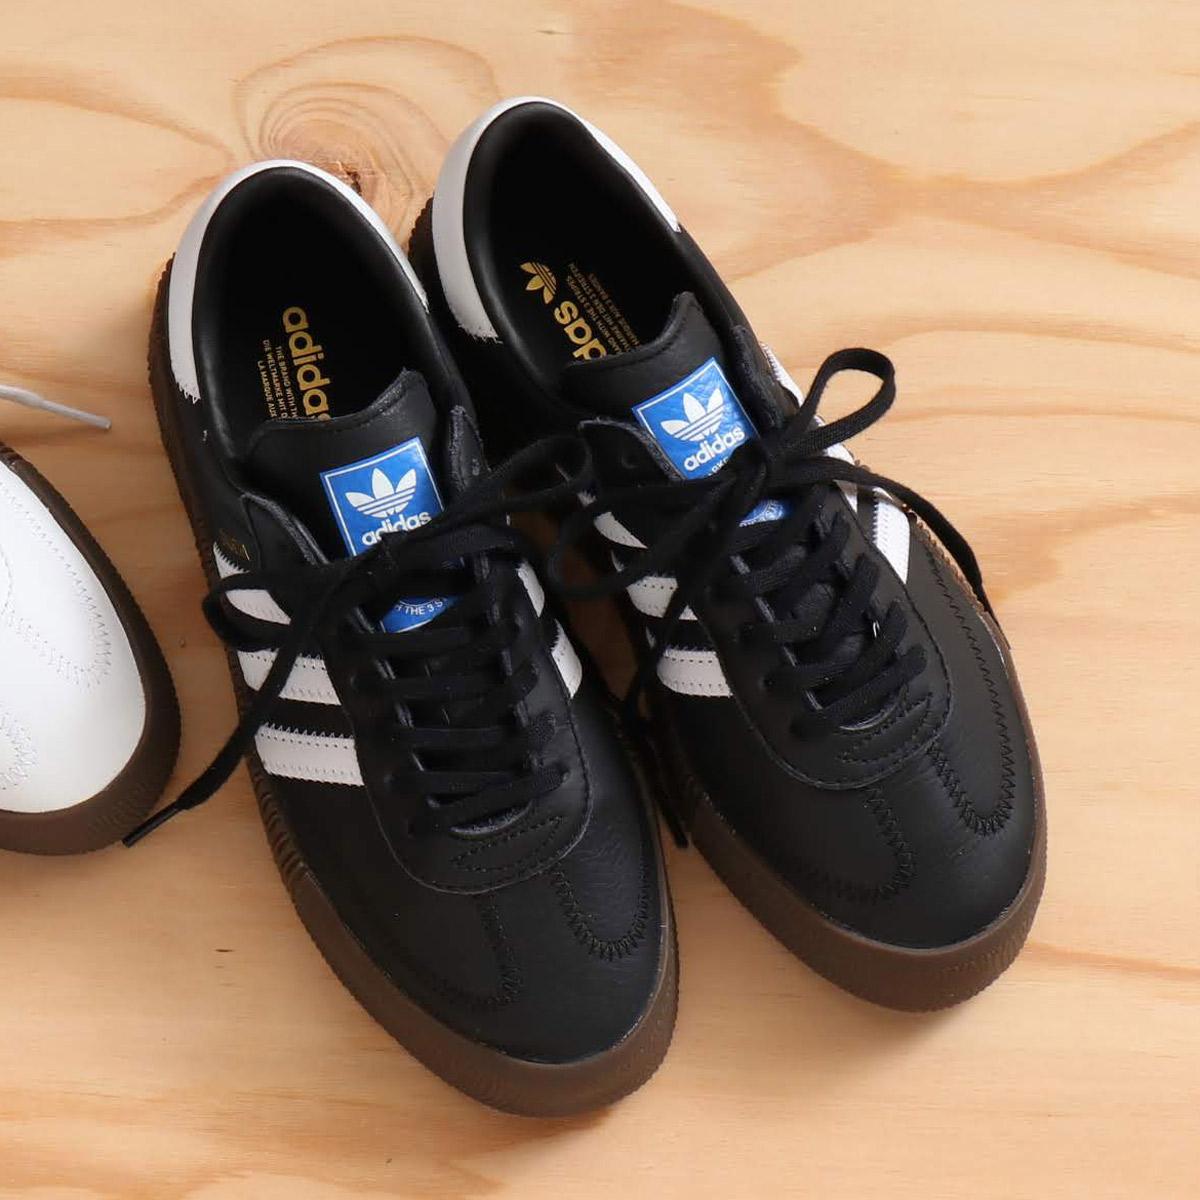 adidas SAMBAROSE W(アディダス サンバローズW)コアブラック/ランニングホワイト/ガム5【メンズ レディース スニーカー】18FW-I